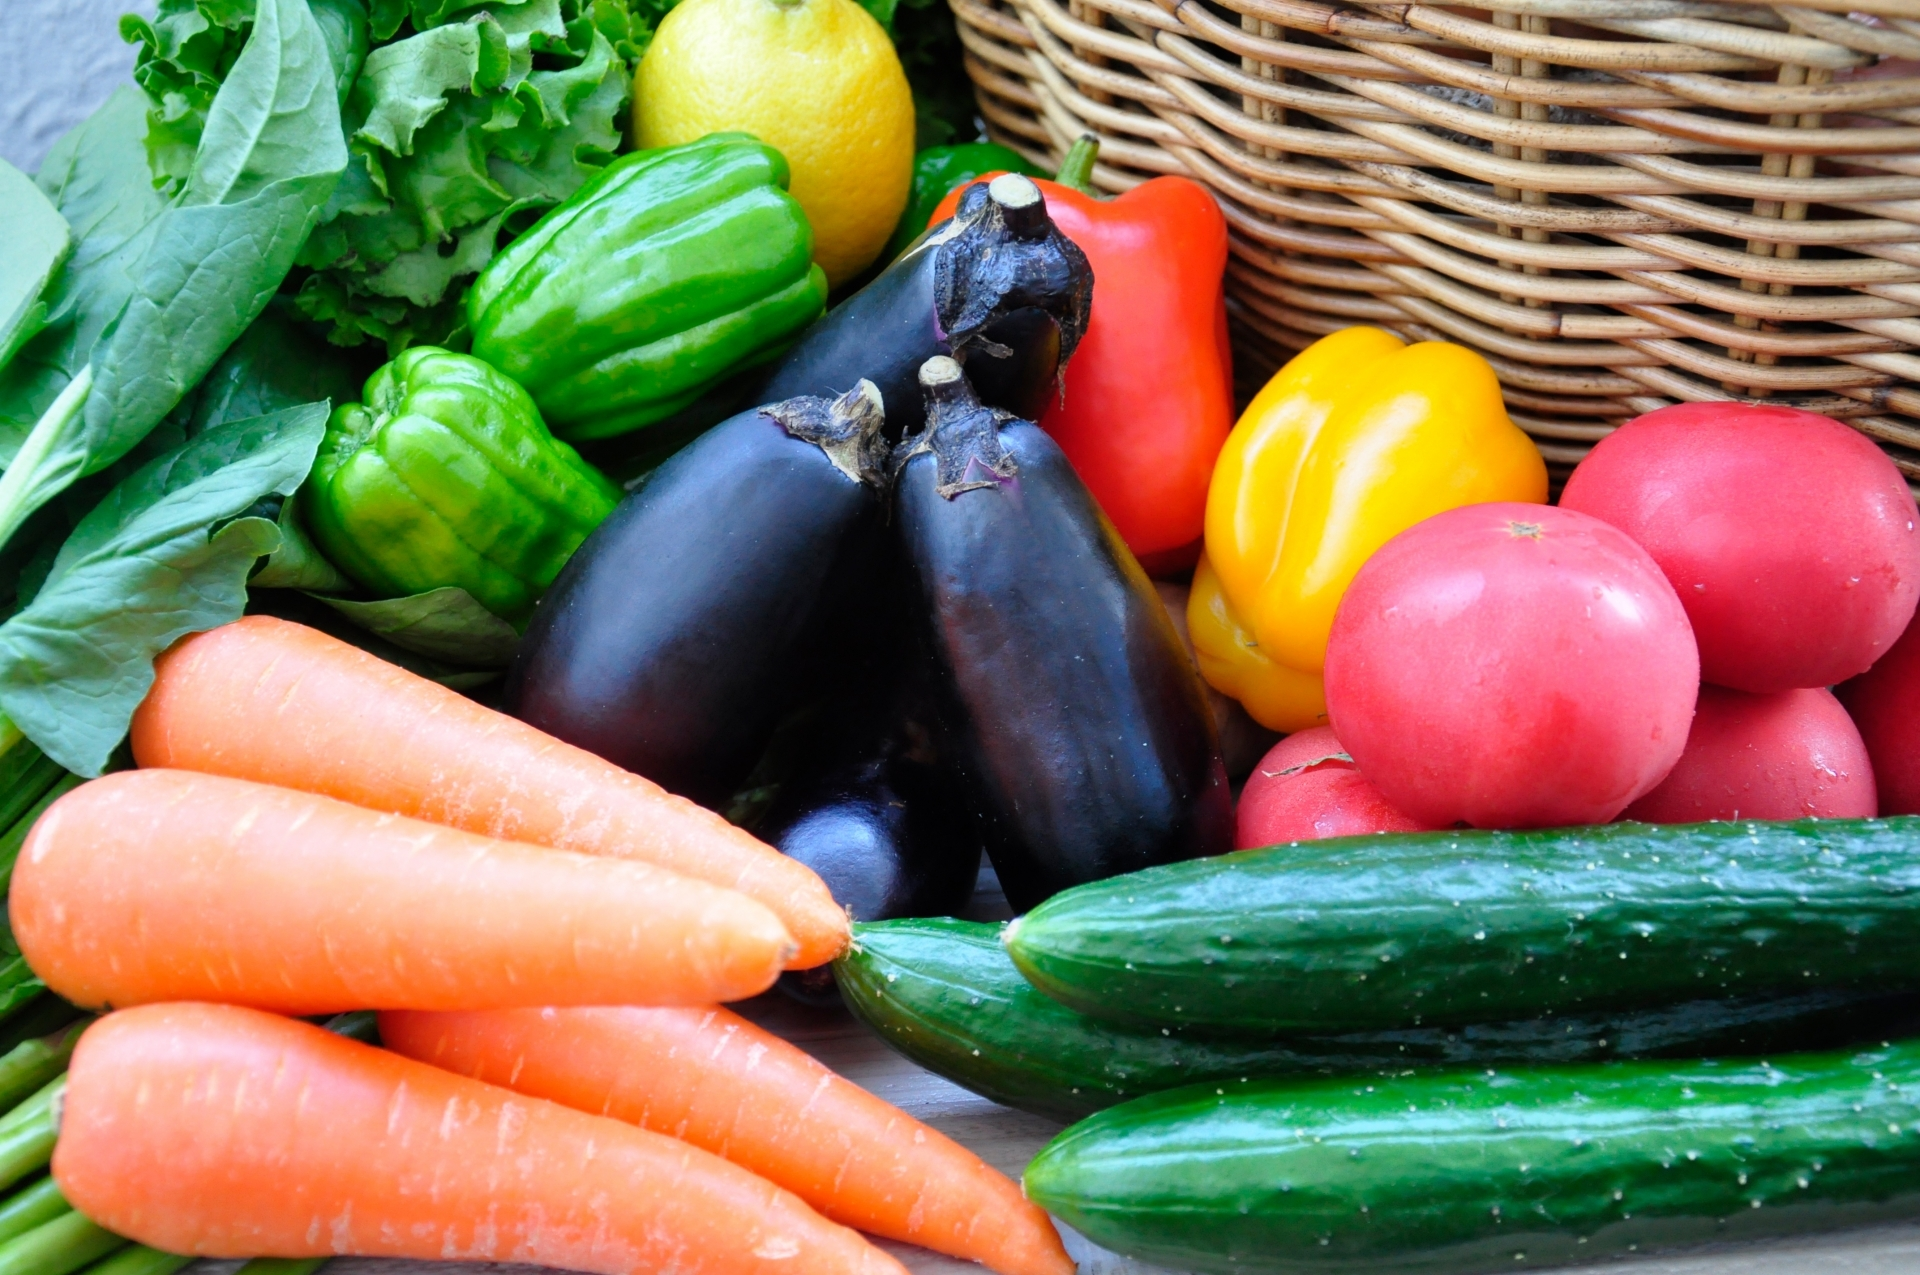 夏バテに効く食材20選!暑い夏だからこそ取り入れるべき食べ物は何?